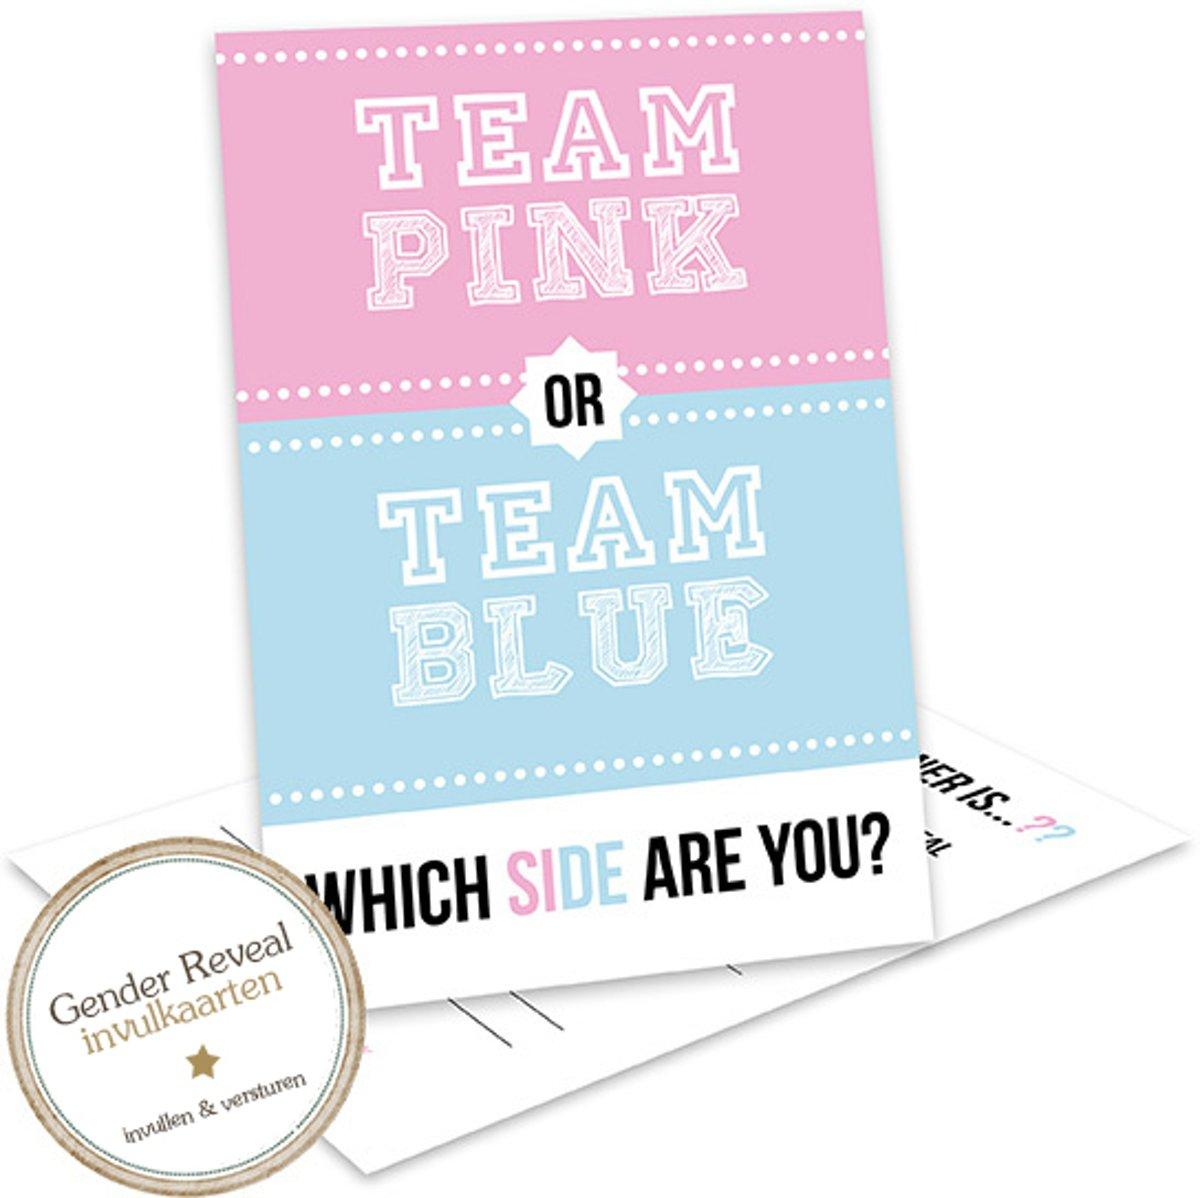 Baby Gender Reveal uitnodiging - Gender reveal party - invulkaarten - Team Pink or Team Blue - GR508 (12 stuks )